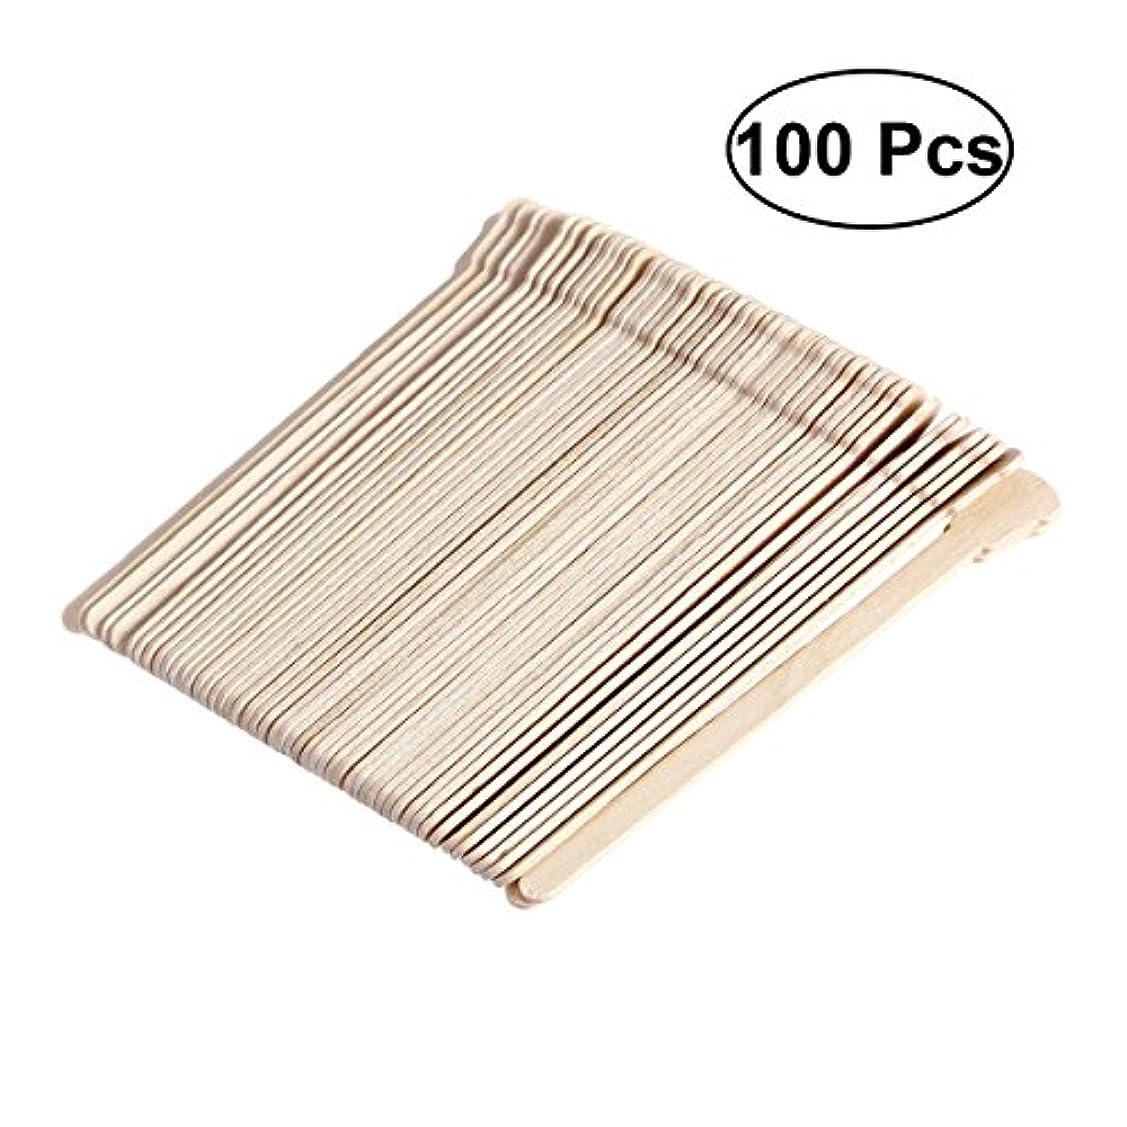 固有の法律により厄介なSUPVOX 100ピース木製ワックススティックフェイス眉毛ワックスへら脱毛(オリジナル木製色)